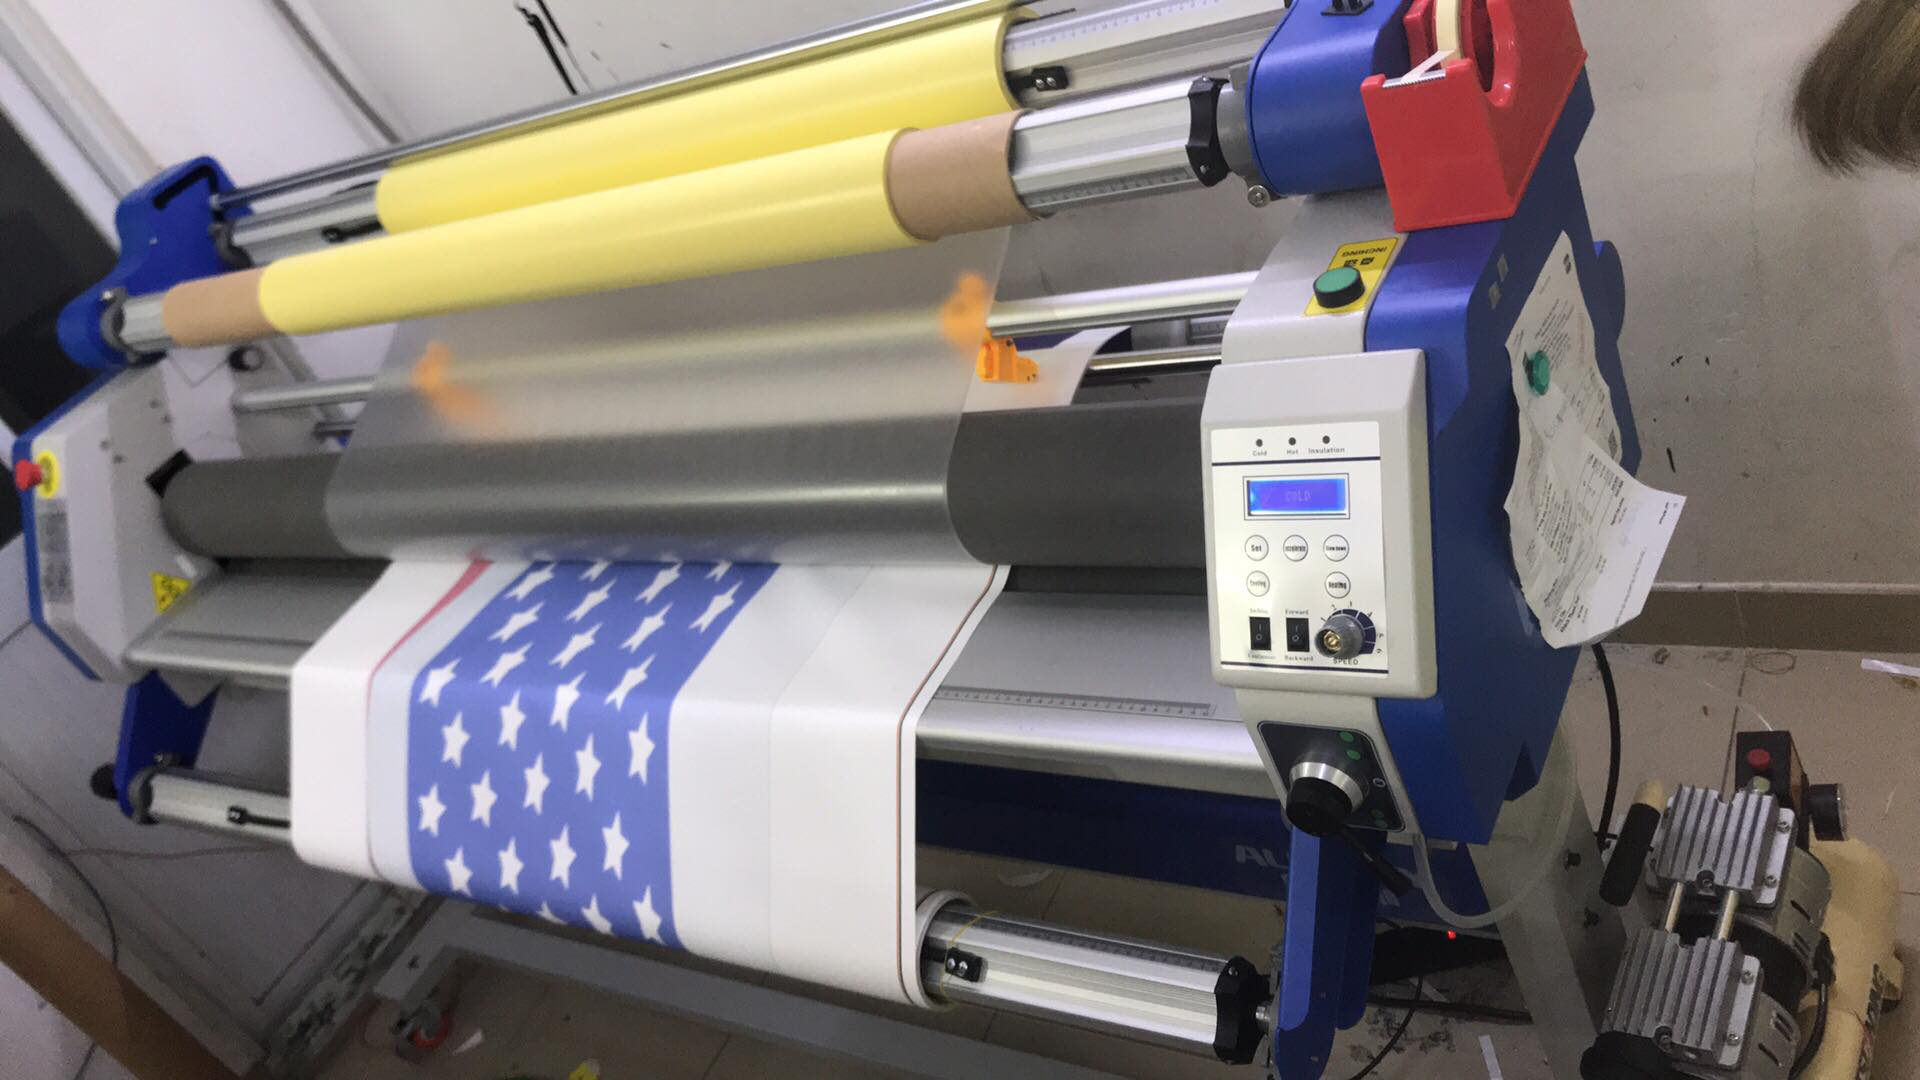 Máy cán màng hiện đại tại In Kỹ Thuật Số hỗ trợ việc cán màng thêm đẹp và chất lượng